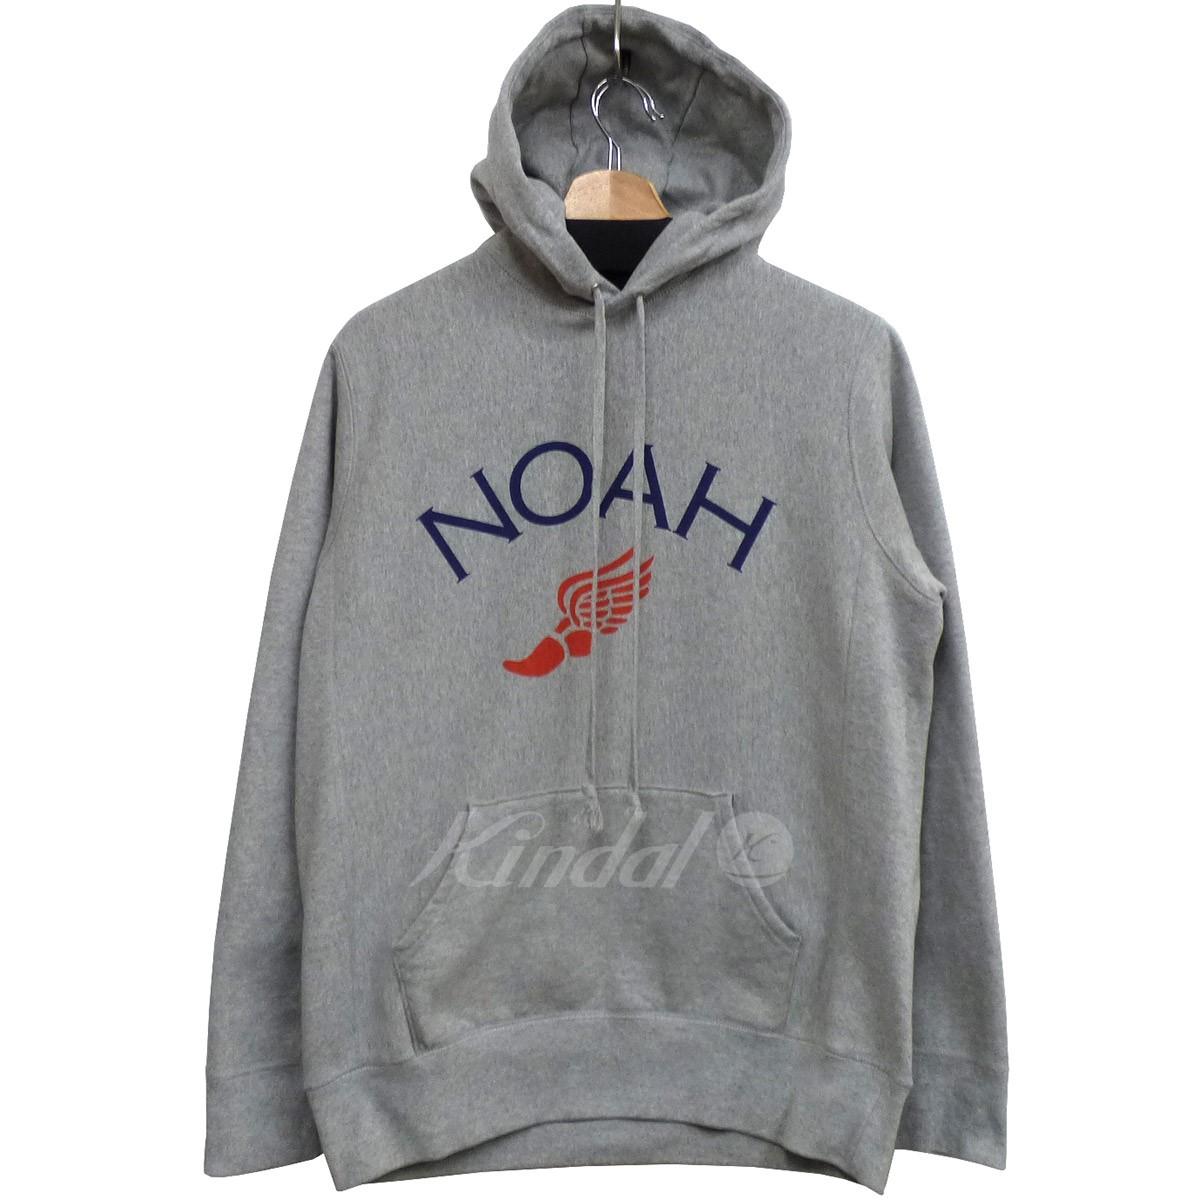 【中古】NOAH Winged Foot Hoodieロゴフーディーパーカー グレー サイズ:M 【170419】(ノア)